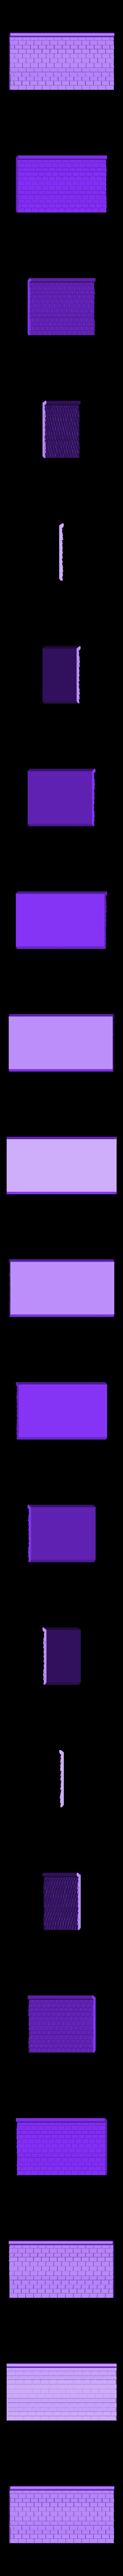 nick2_rf_bk1.stl Télécharger fichier STL gratuit Ripper's London - The Nick • Plan pour imprimante 3D, Earsling